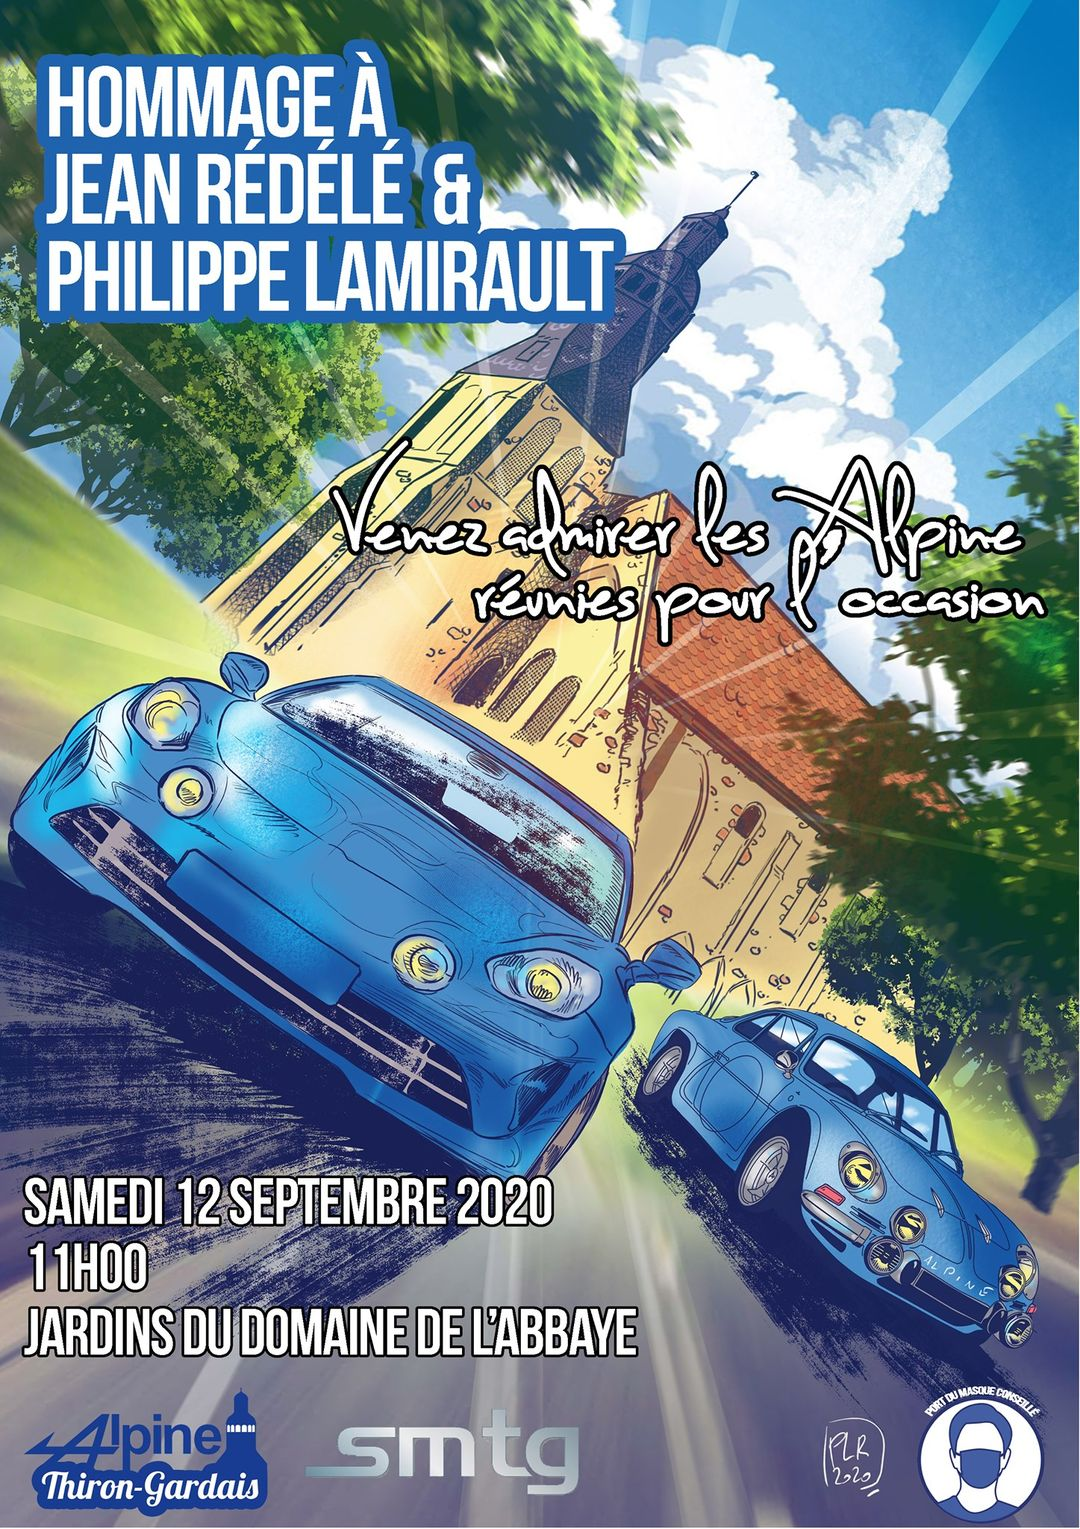 Alpine Thiron Gardais Hommage Redele Lamirault 2020 | Alpine Thiron-Gardais: Hommage à Jean Rédélé et Philippe Lamirault